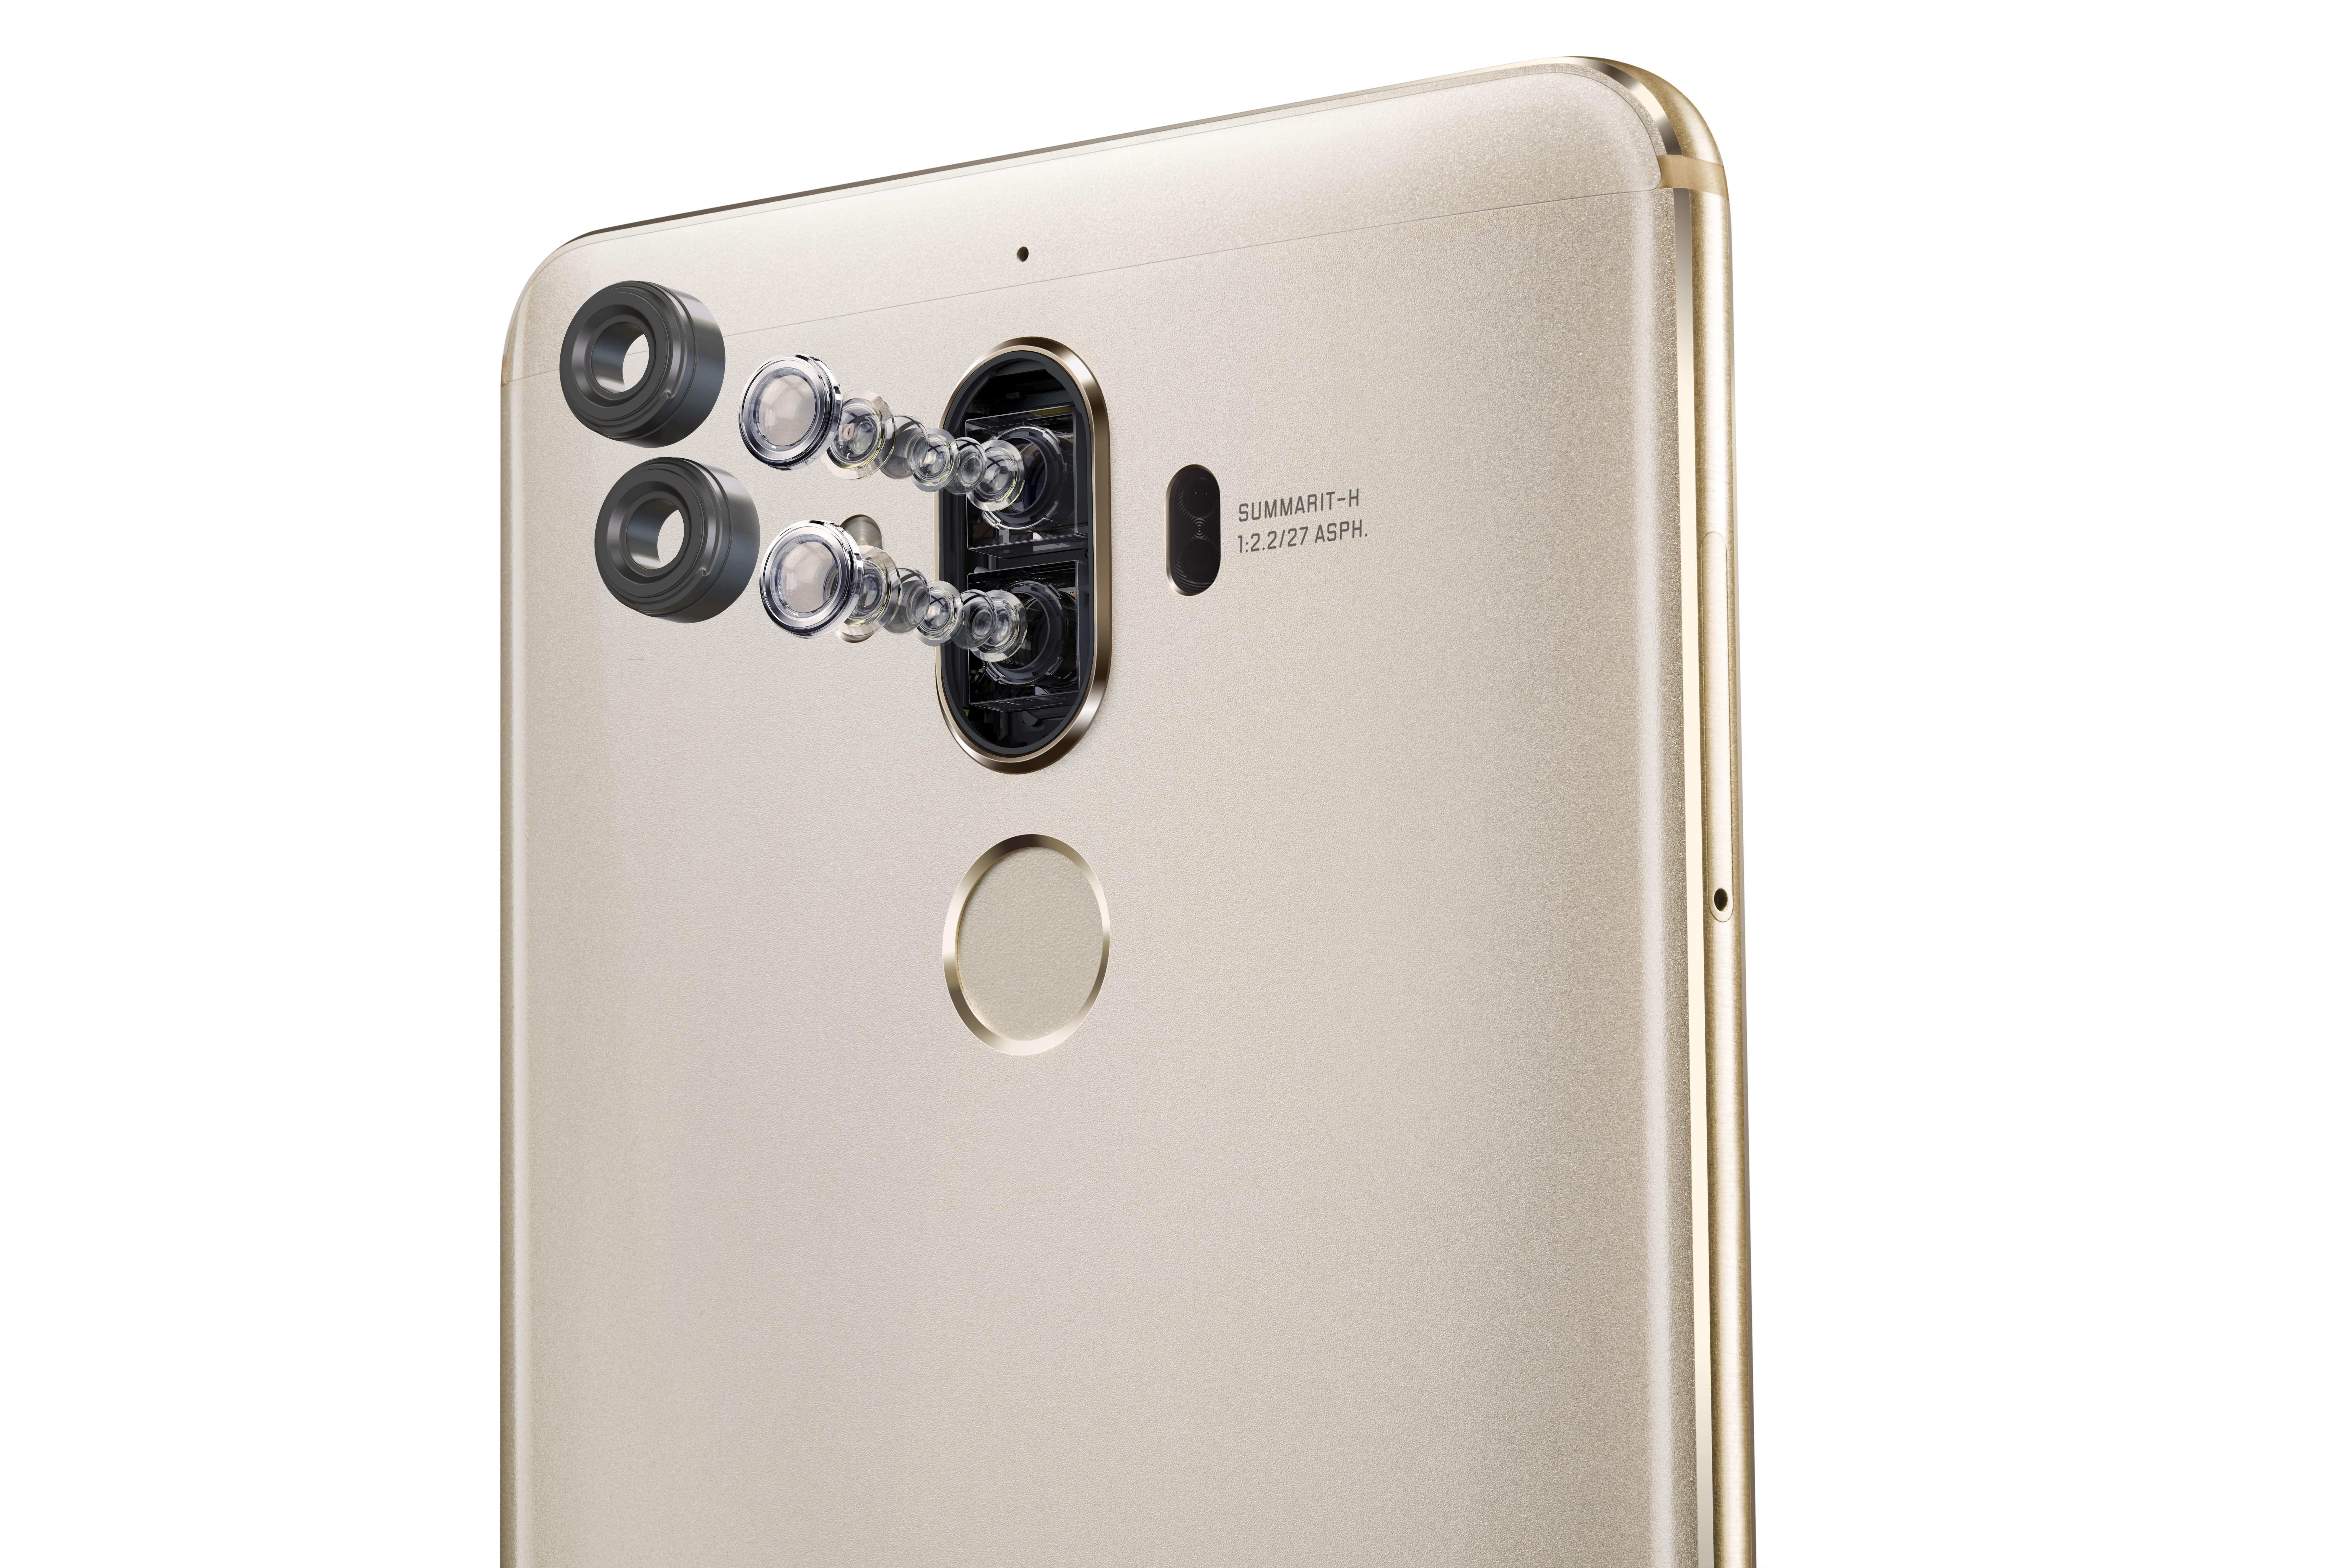 Huawei-Mate-9-Camera-Leica-lens